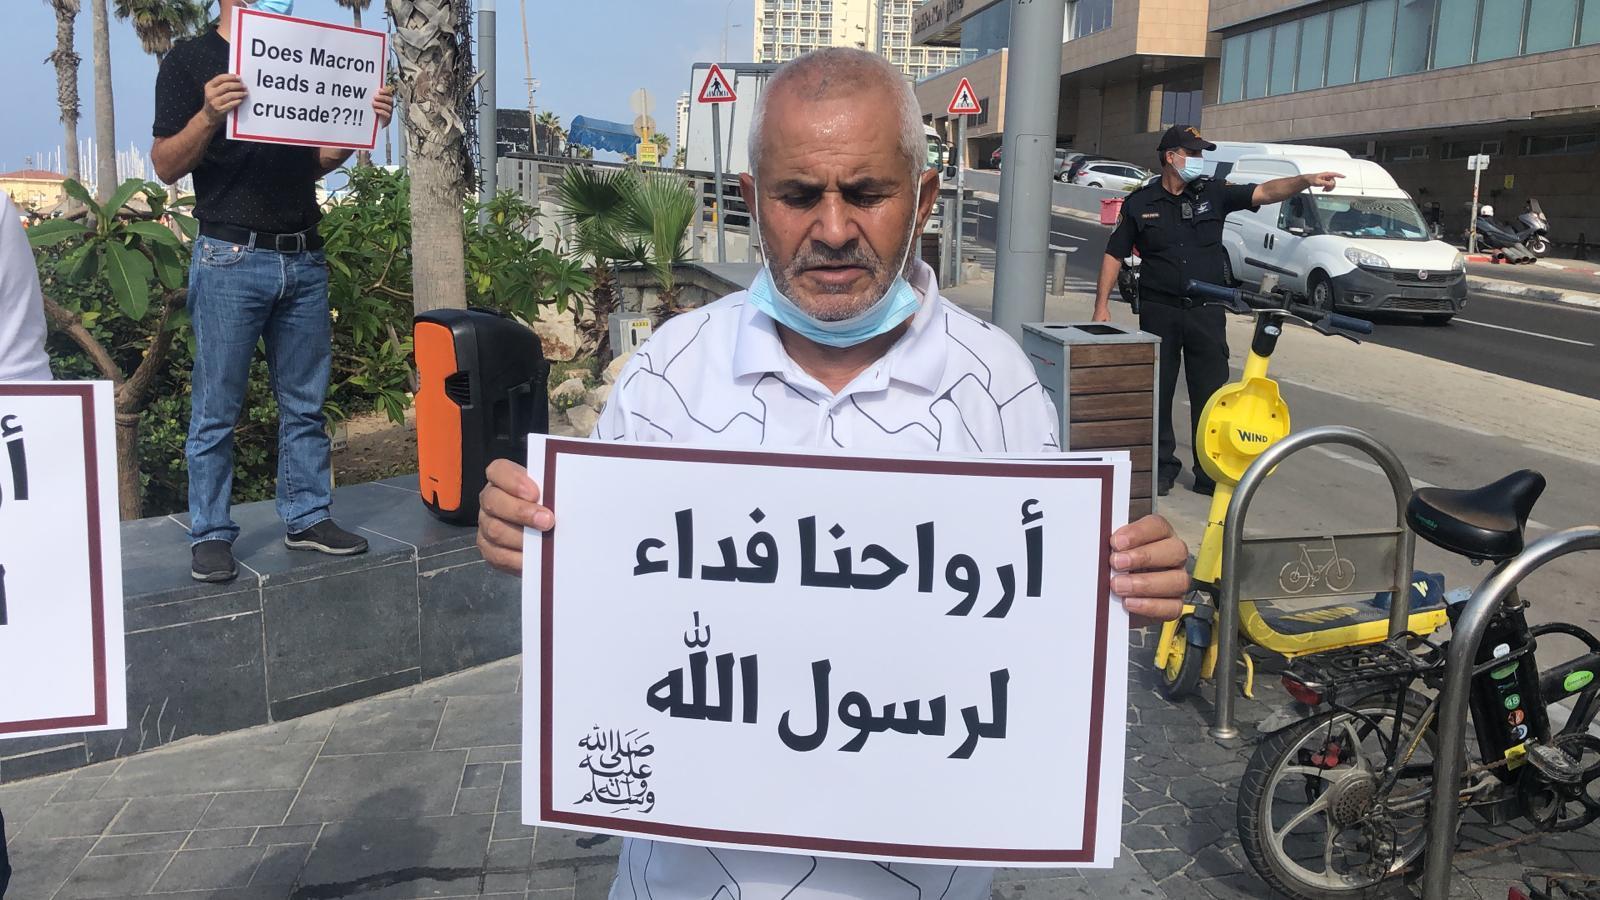 وقفة احتجاجية أمام السفارة الفرنسية في البلاد ضدّ الإساءة للنبيّ